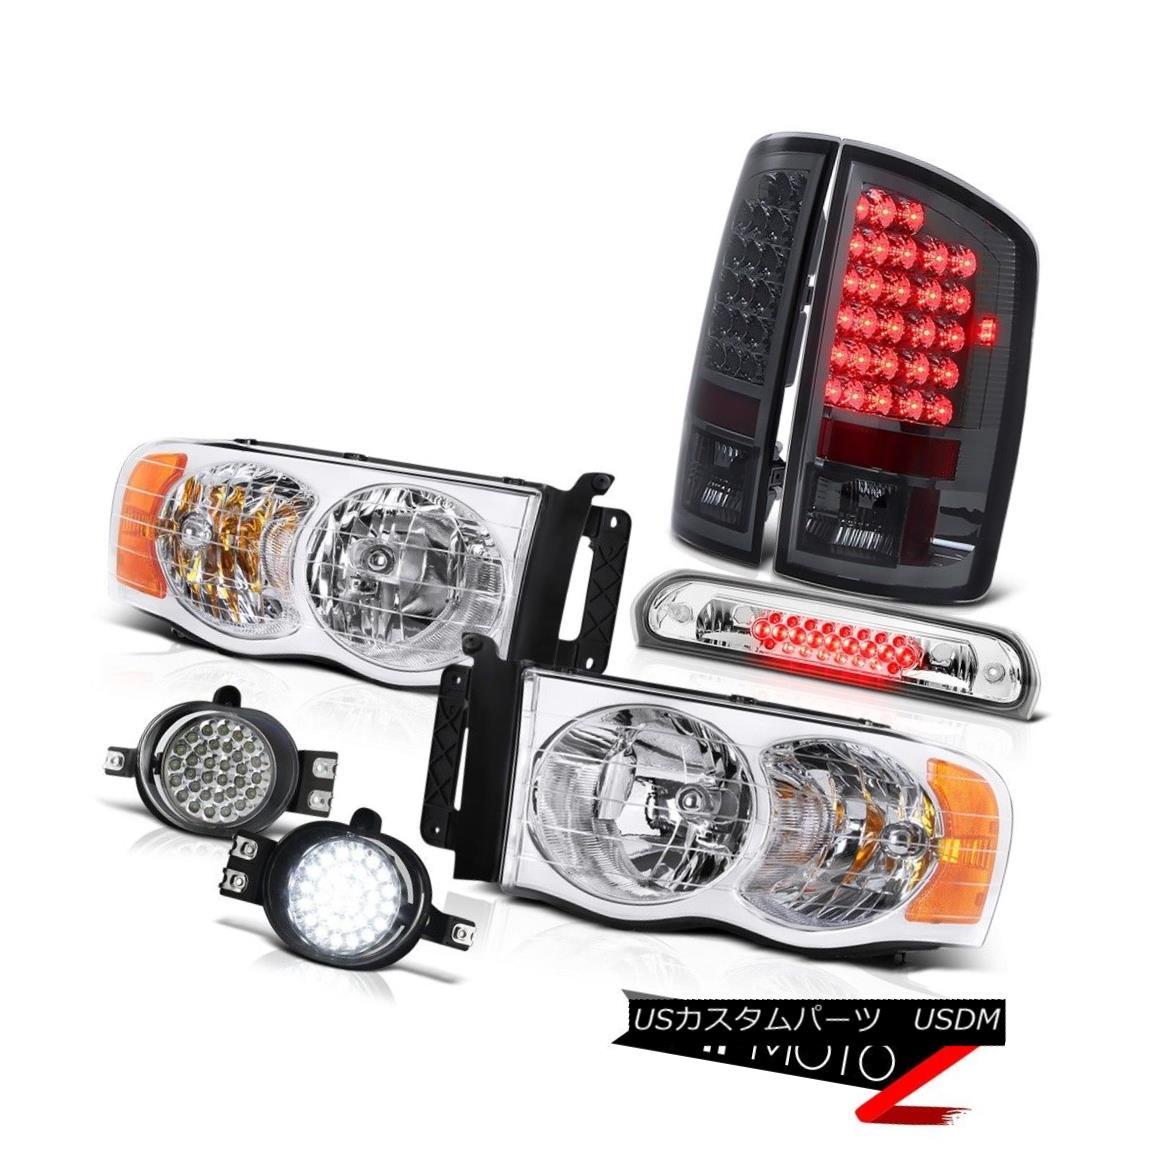 テールライト 02-05 Ram SLT Crystal Clear Headlights Parking Tail Lights SMD LED Fog Roof Stop 02-05 Ram SLTクリスタルクリアヘッドライトパーキングテールライトSMD LEDフォグルーフストップ